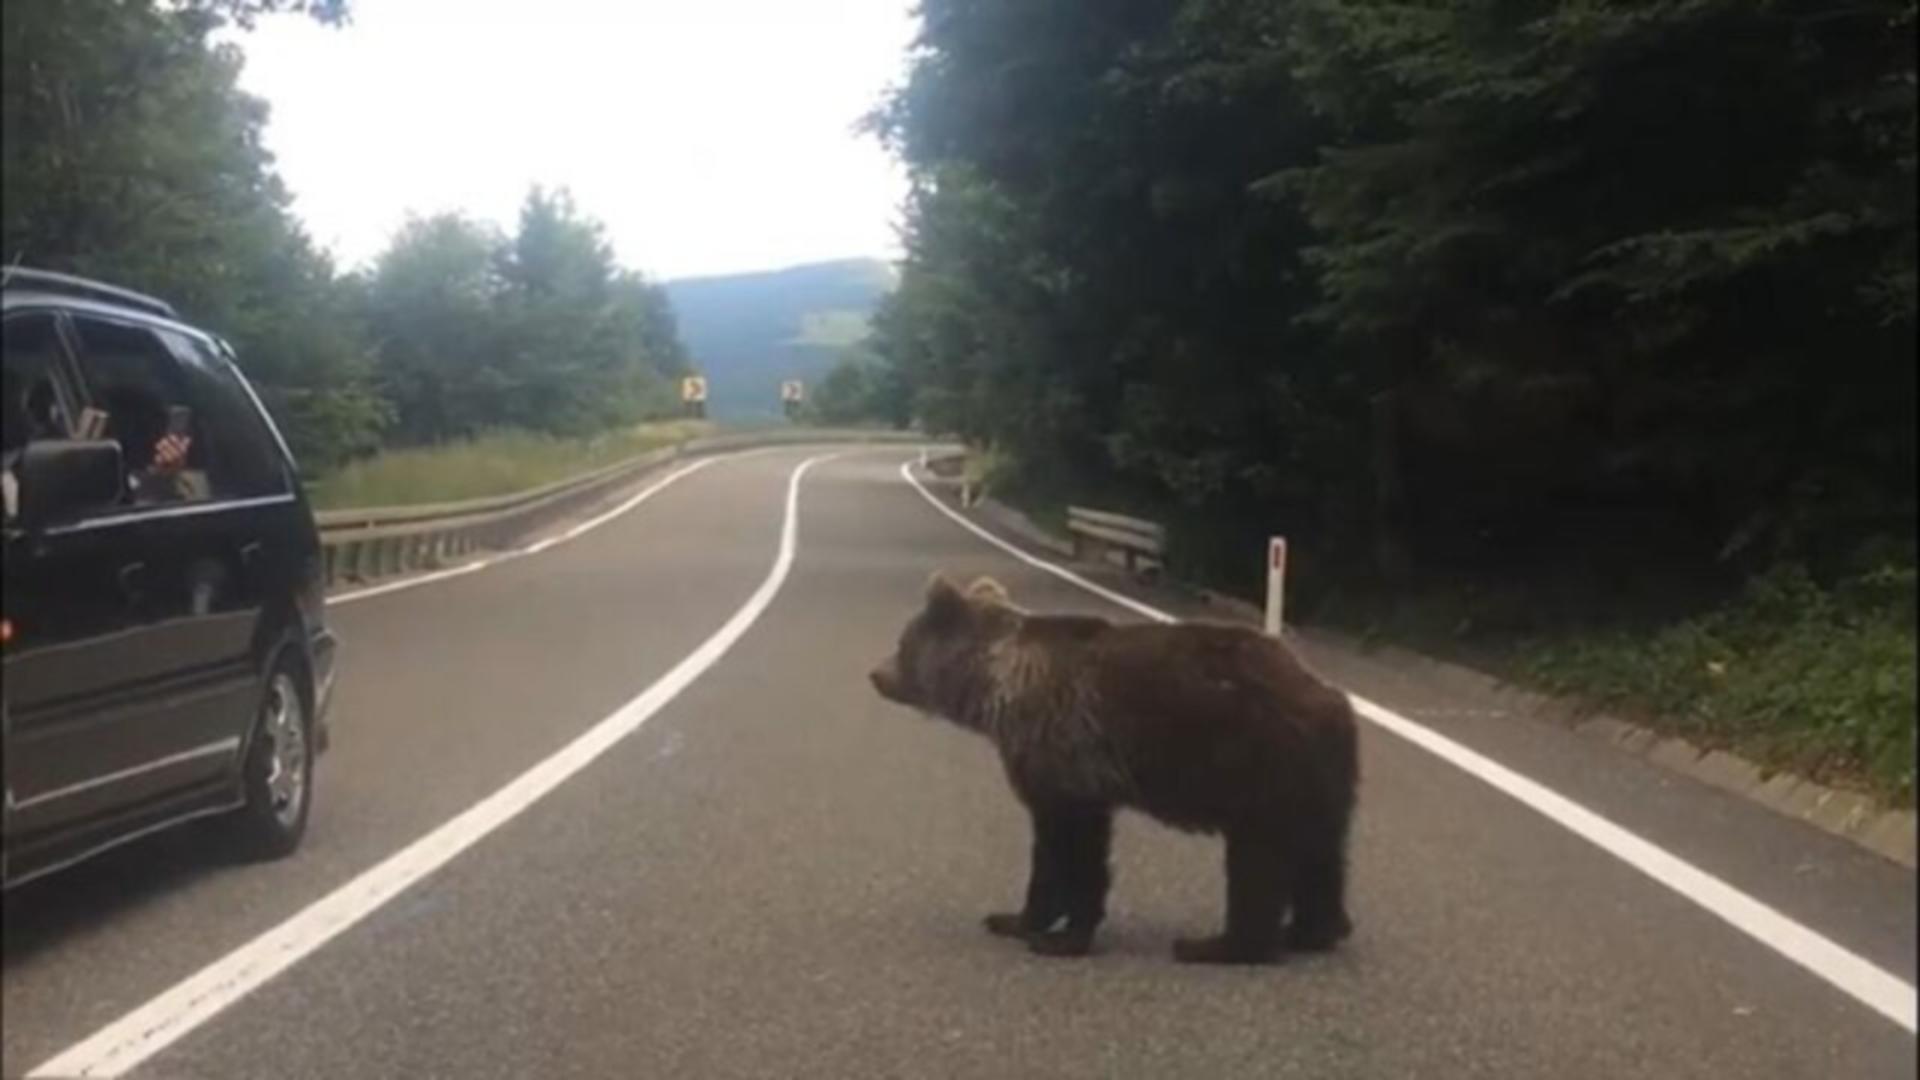 Bărbat din Vrancea, filmat când hrăneşte şi se apropie periculos de un urs flămând